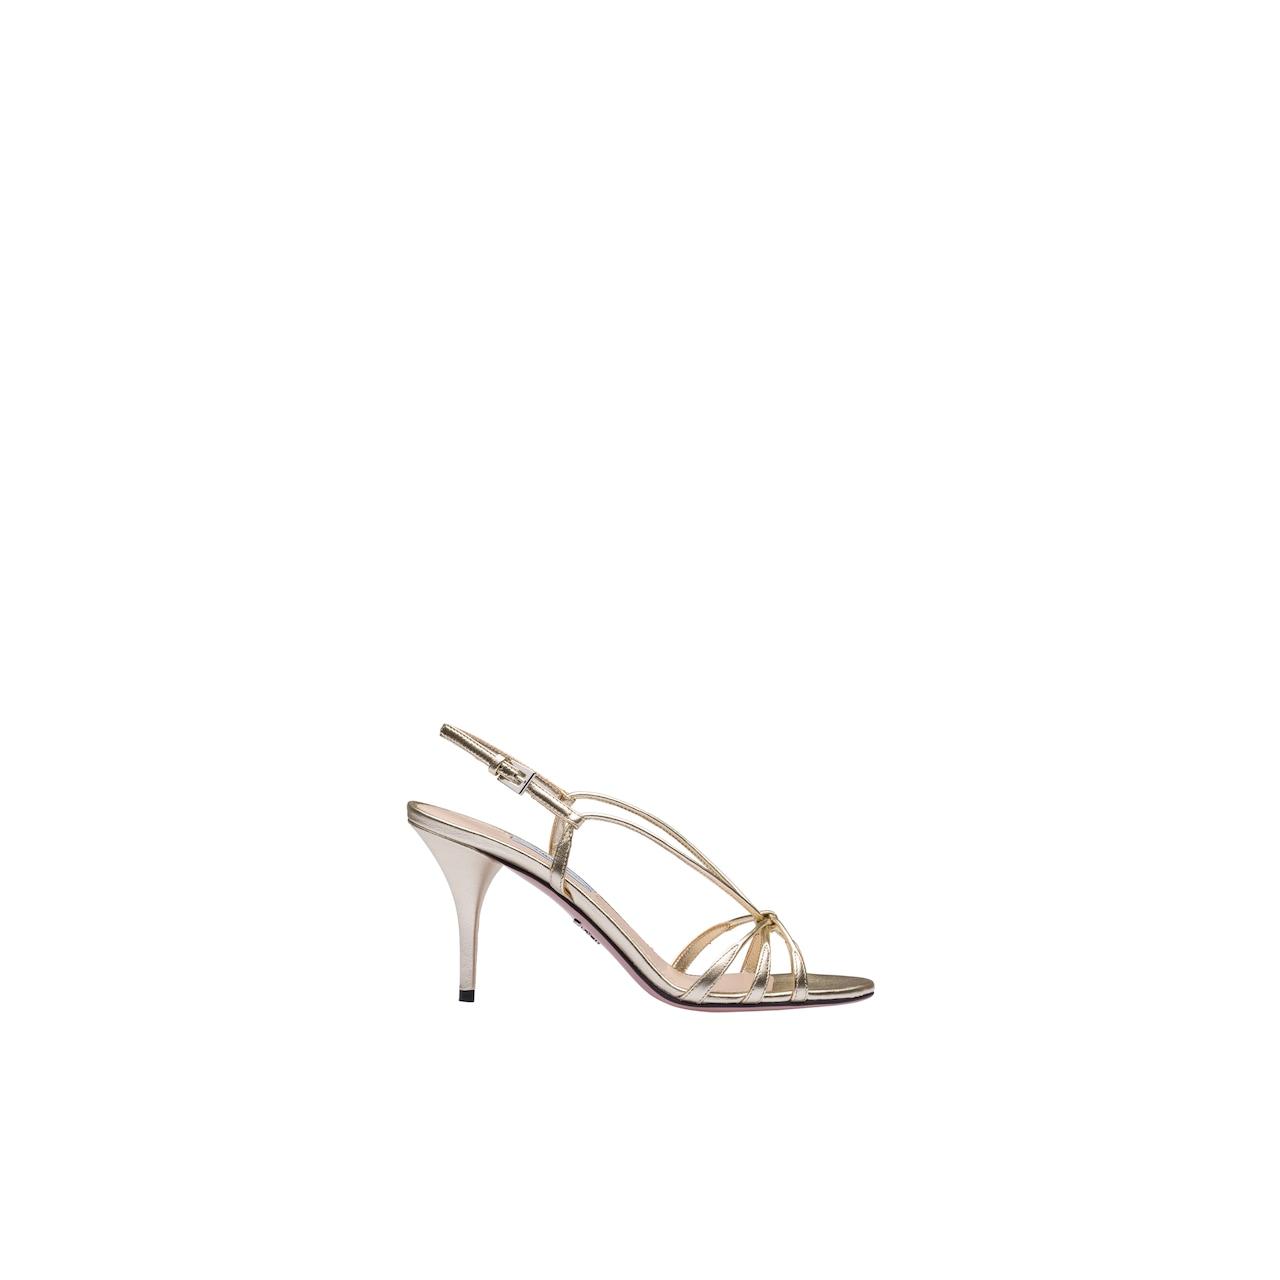 Sandali in pelle metallizzata